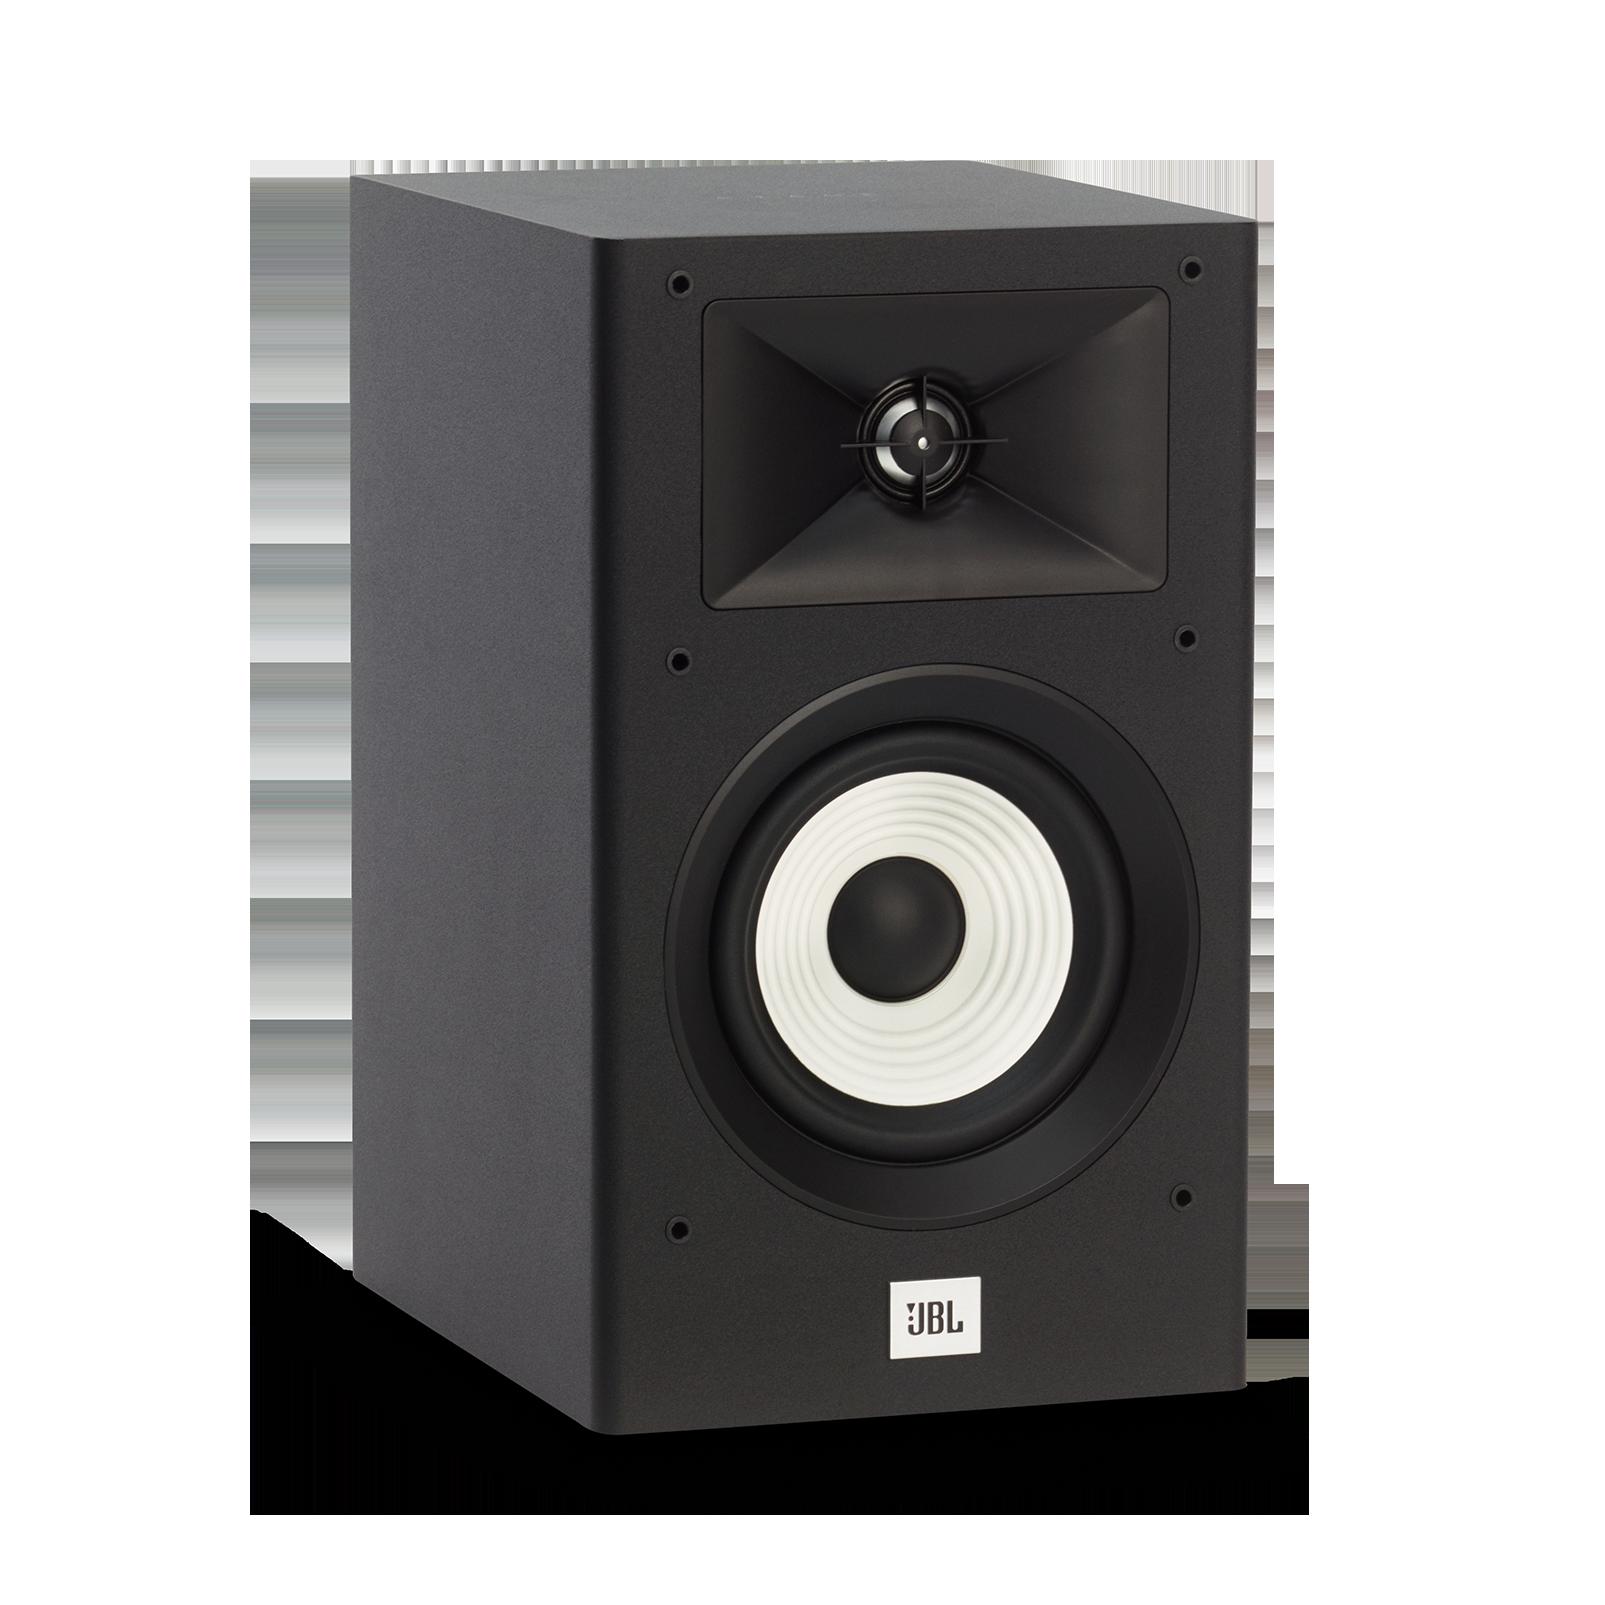 jbl stage a130 home audio loudspeaker system. Black Bedroom Furniture Sets. Home Design Ideas